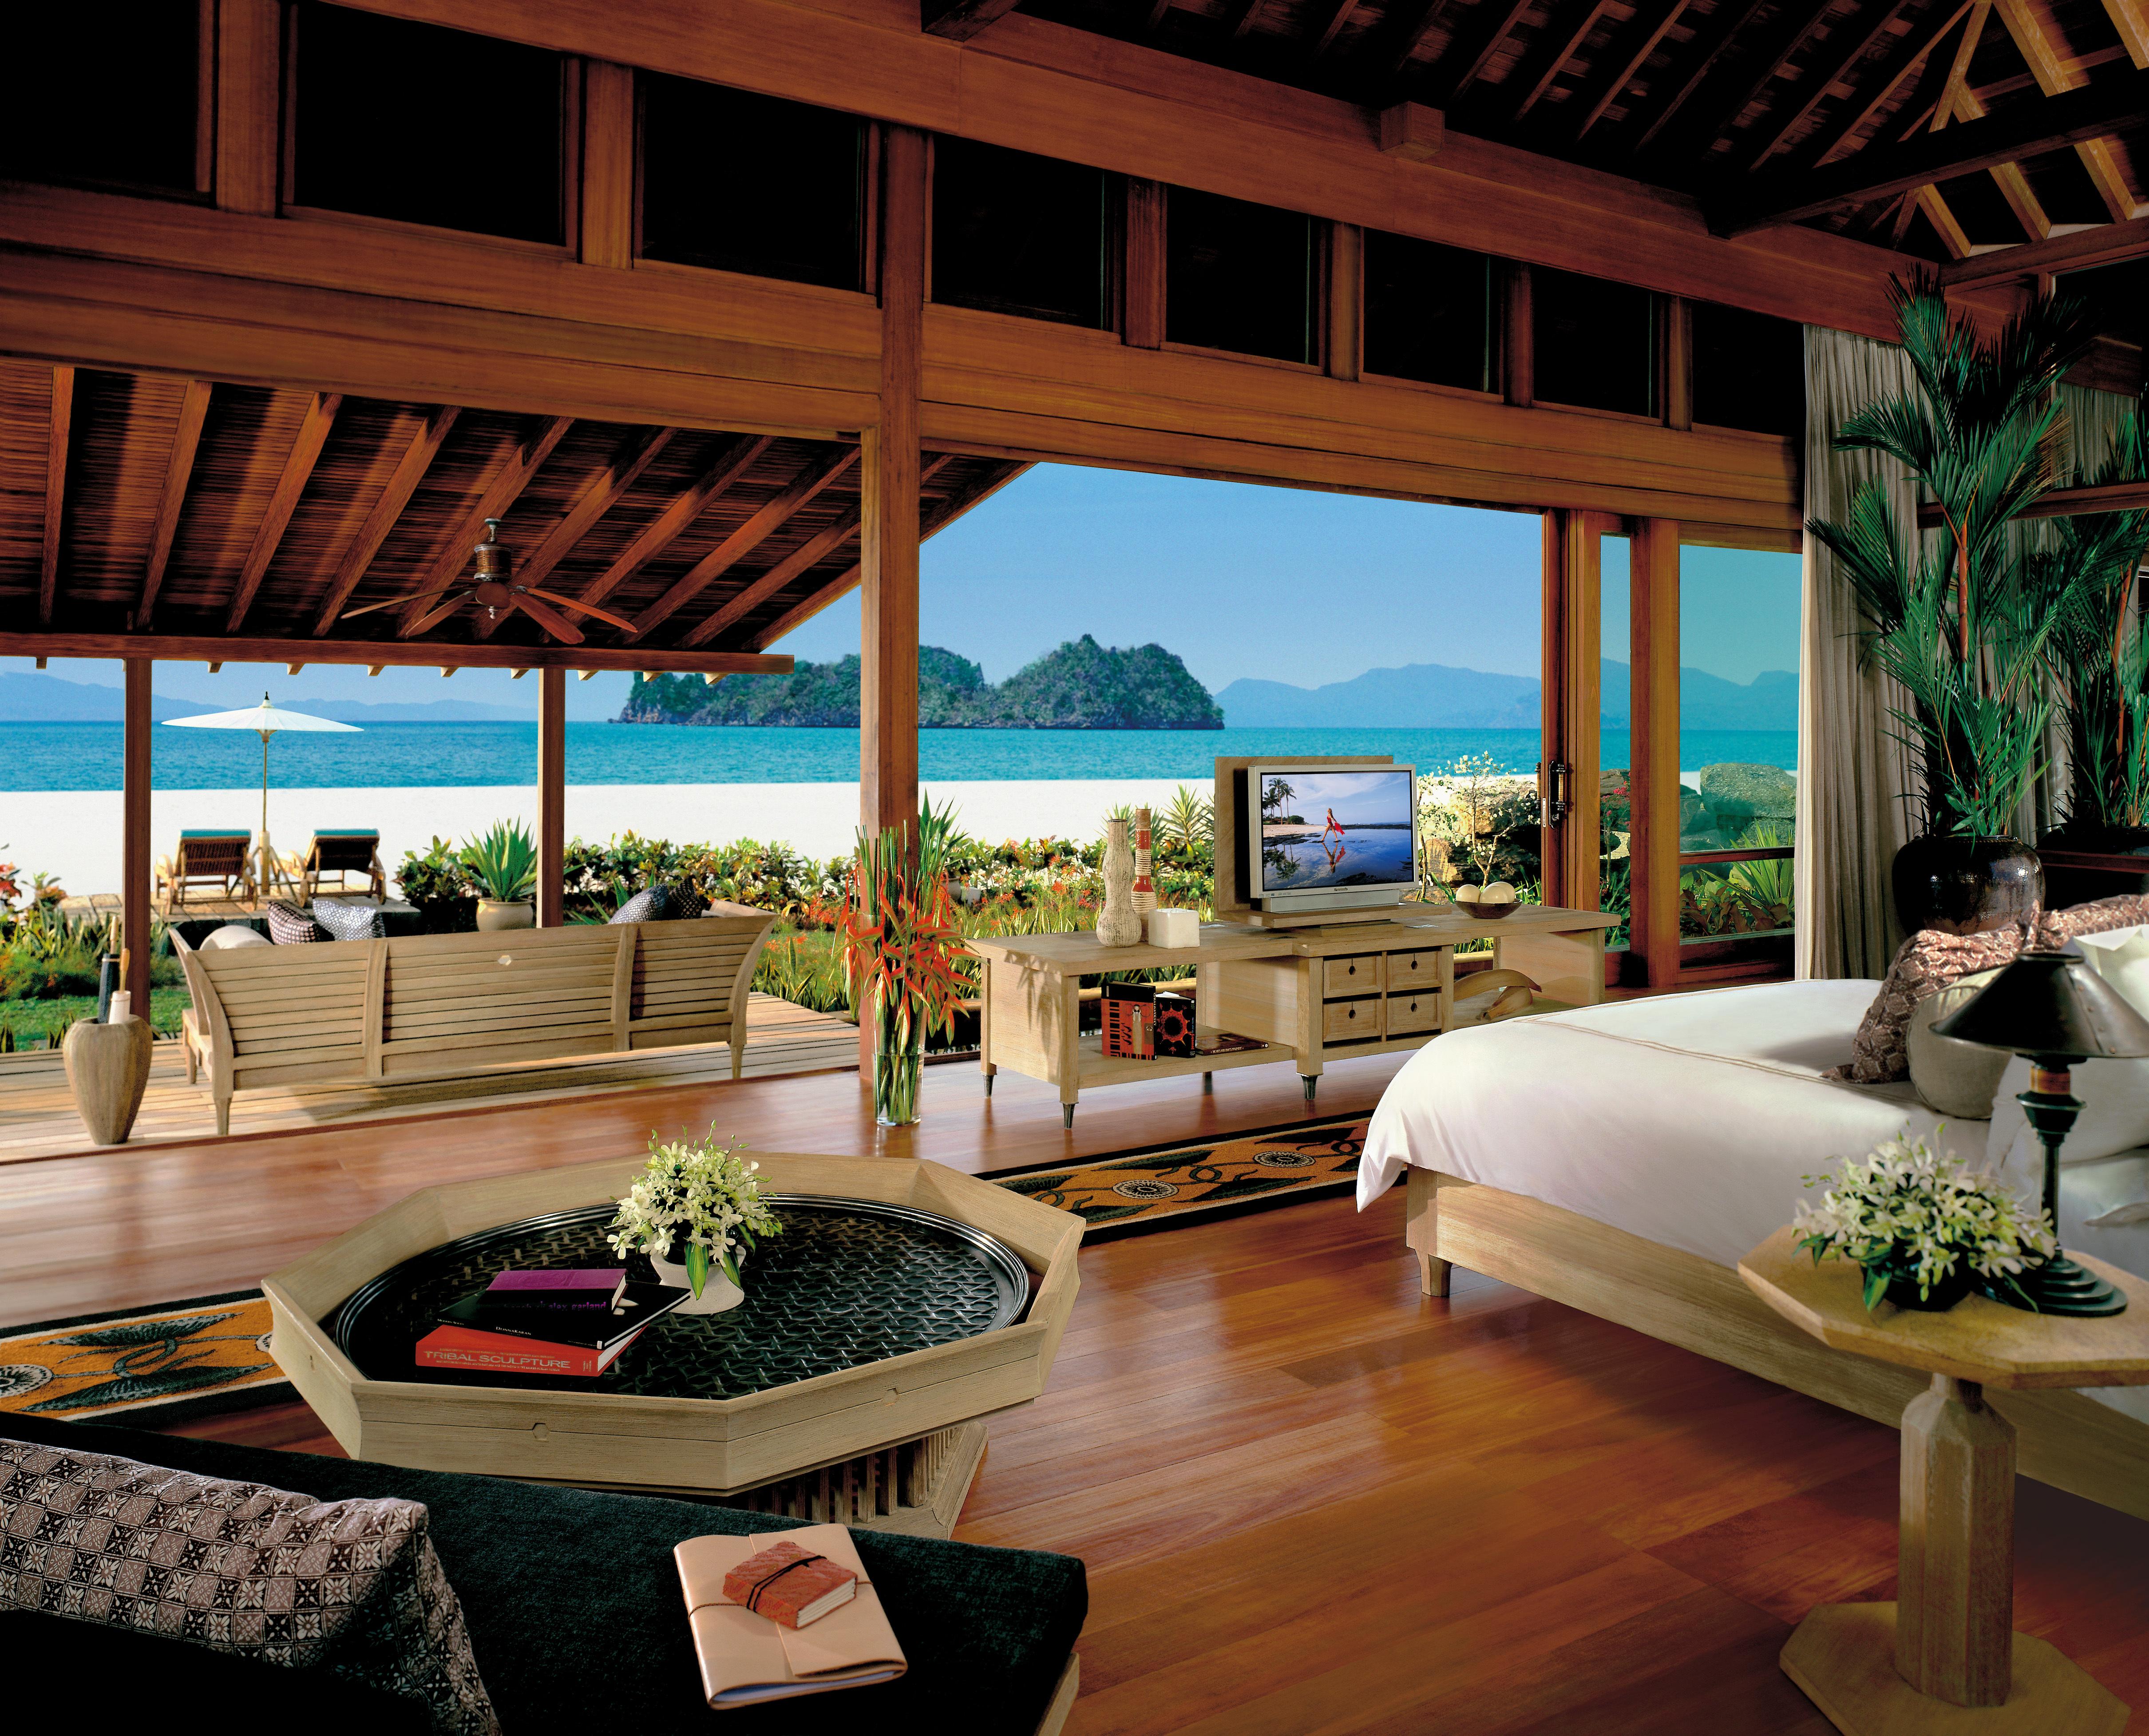 море отдых курорт дома  № 1447349 загрузить